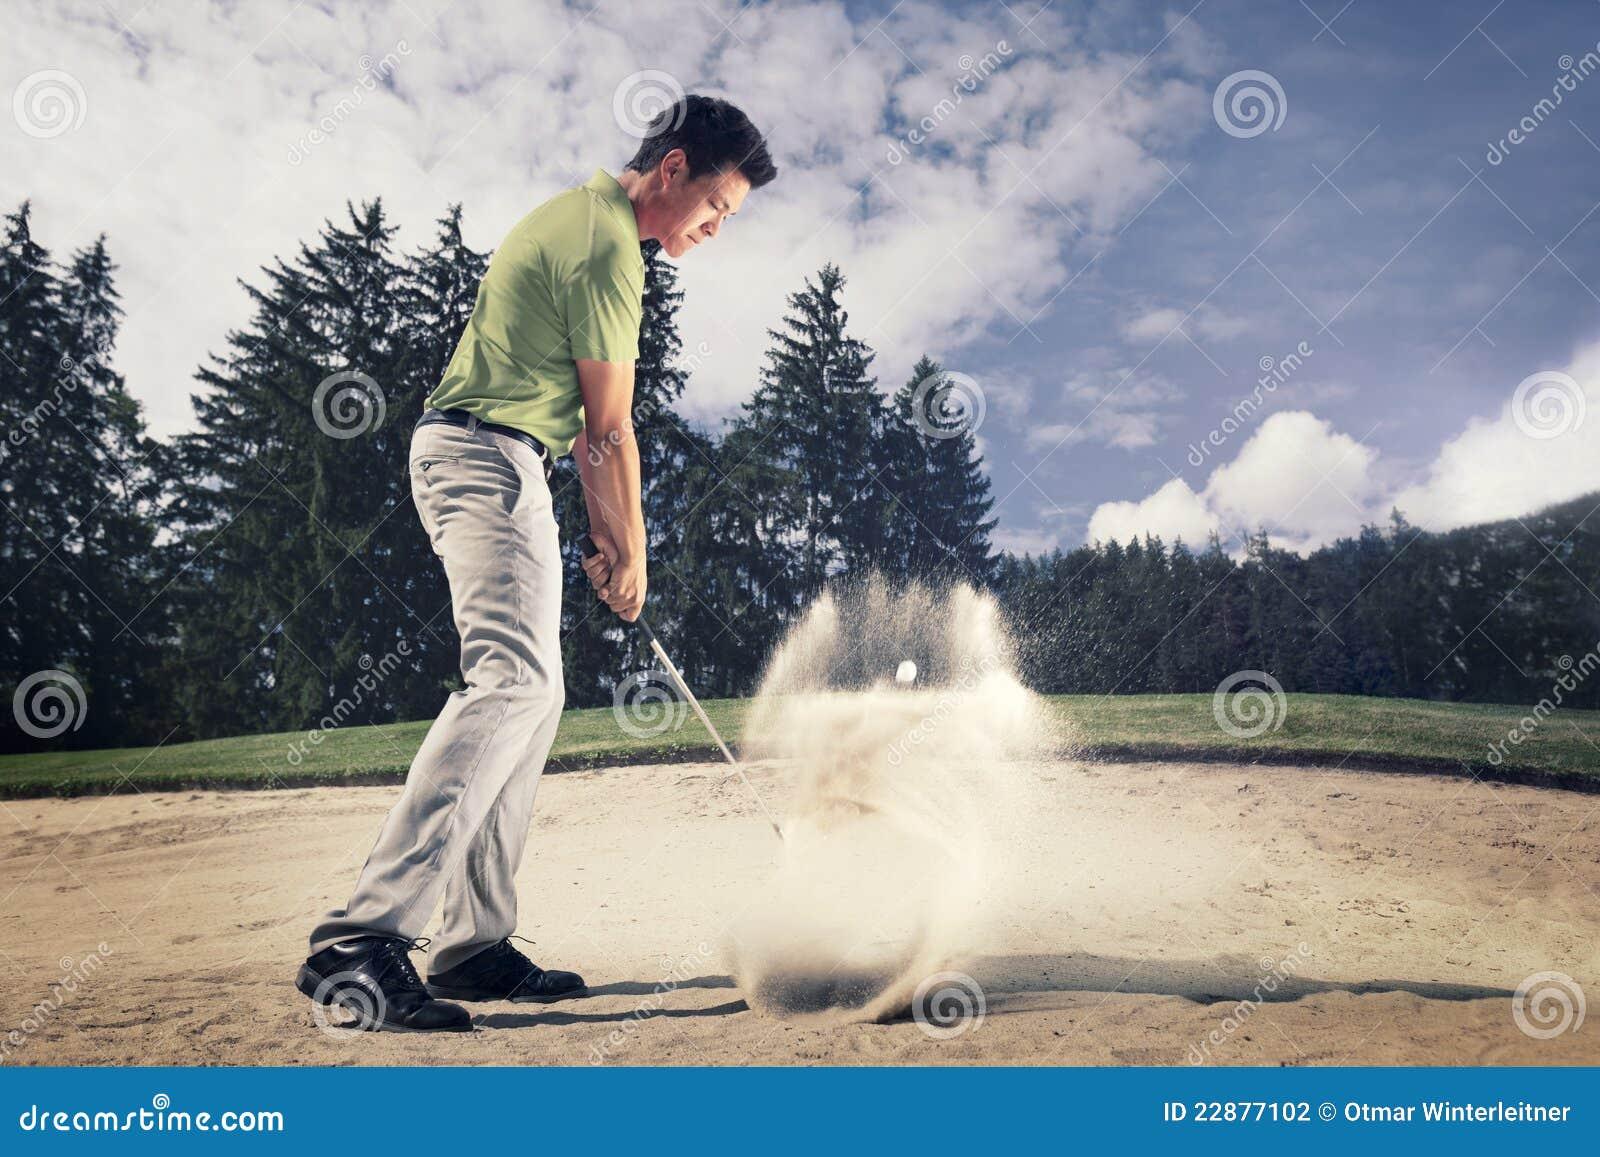 砂槽的高尔夫球运动员。